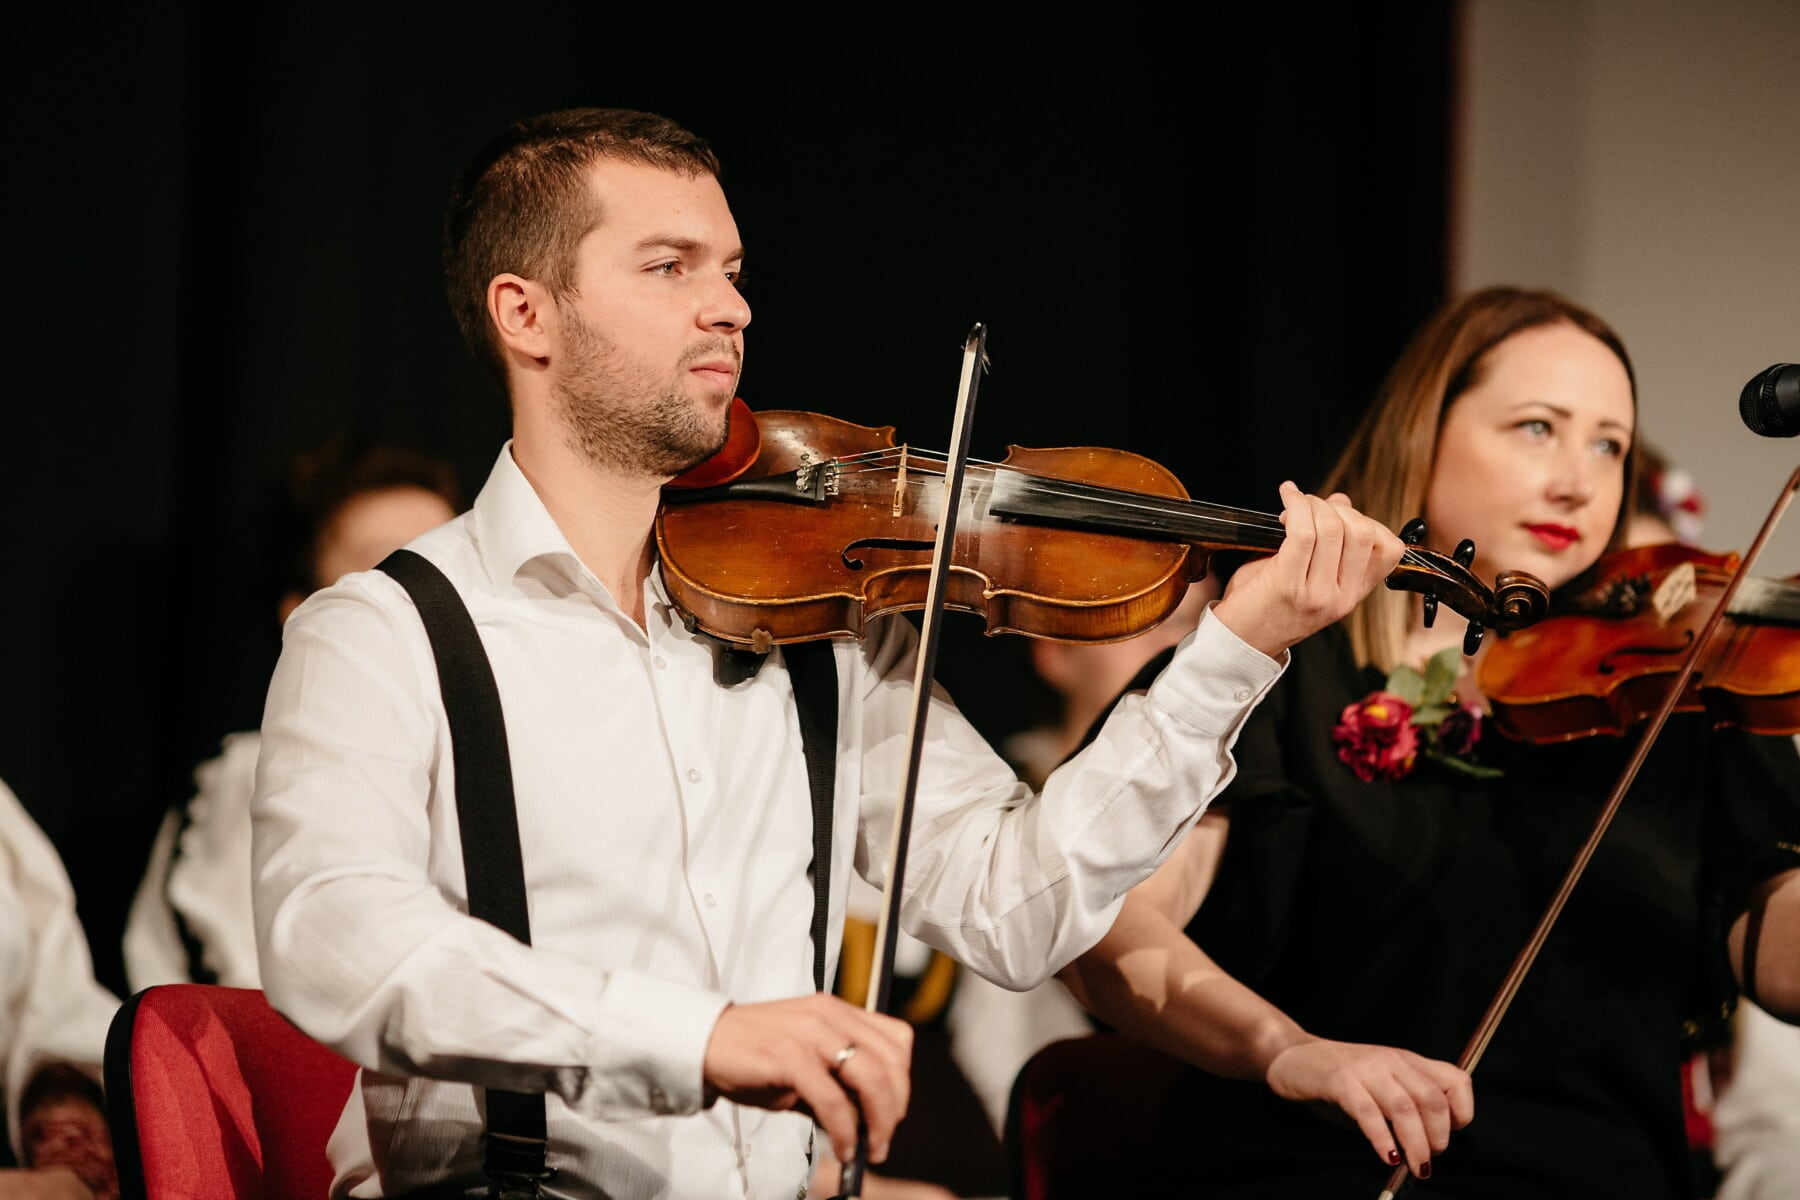 Frau, Geige, Mann, Konzert, Performance, Orchester, Performer, Musik, Musiker, Instrument